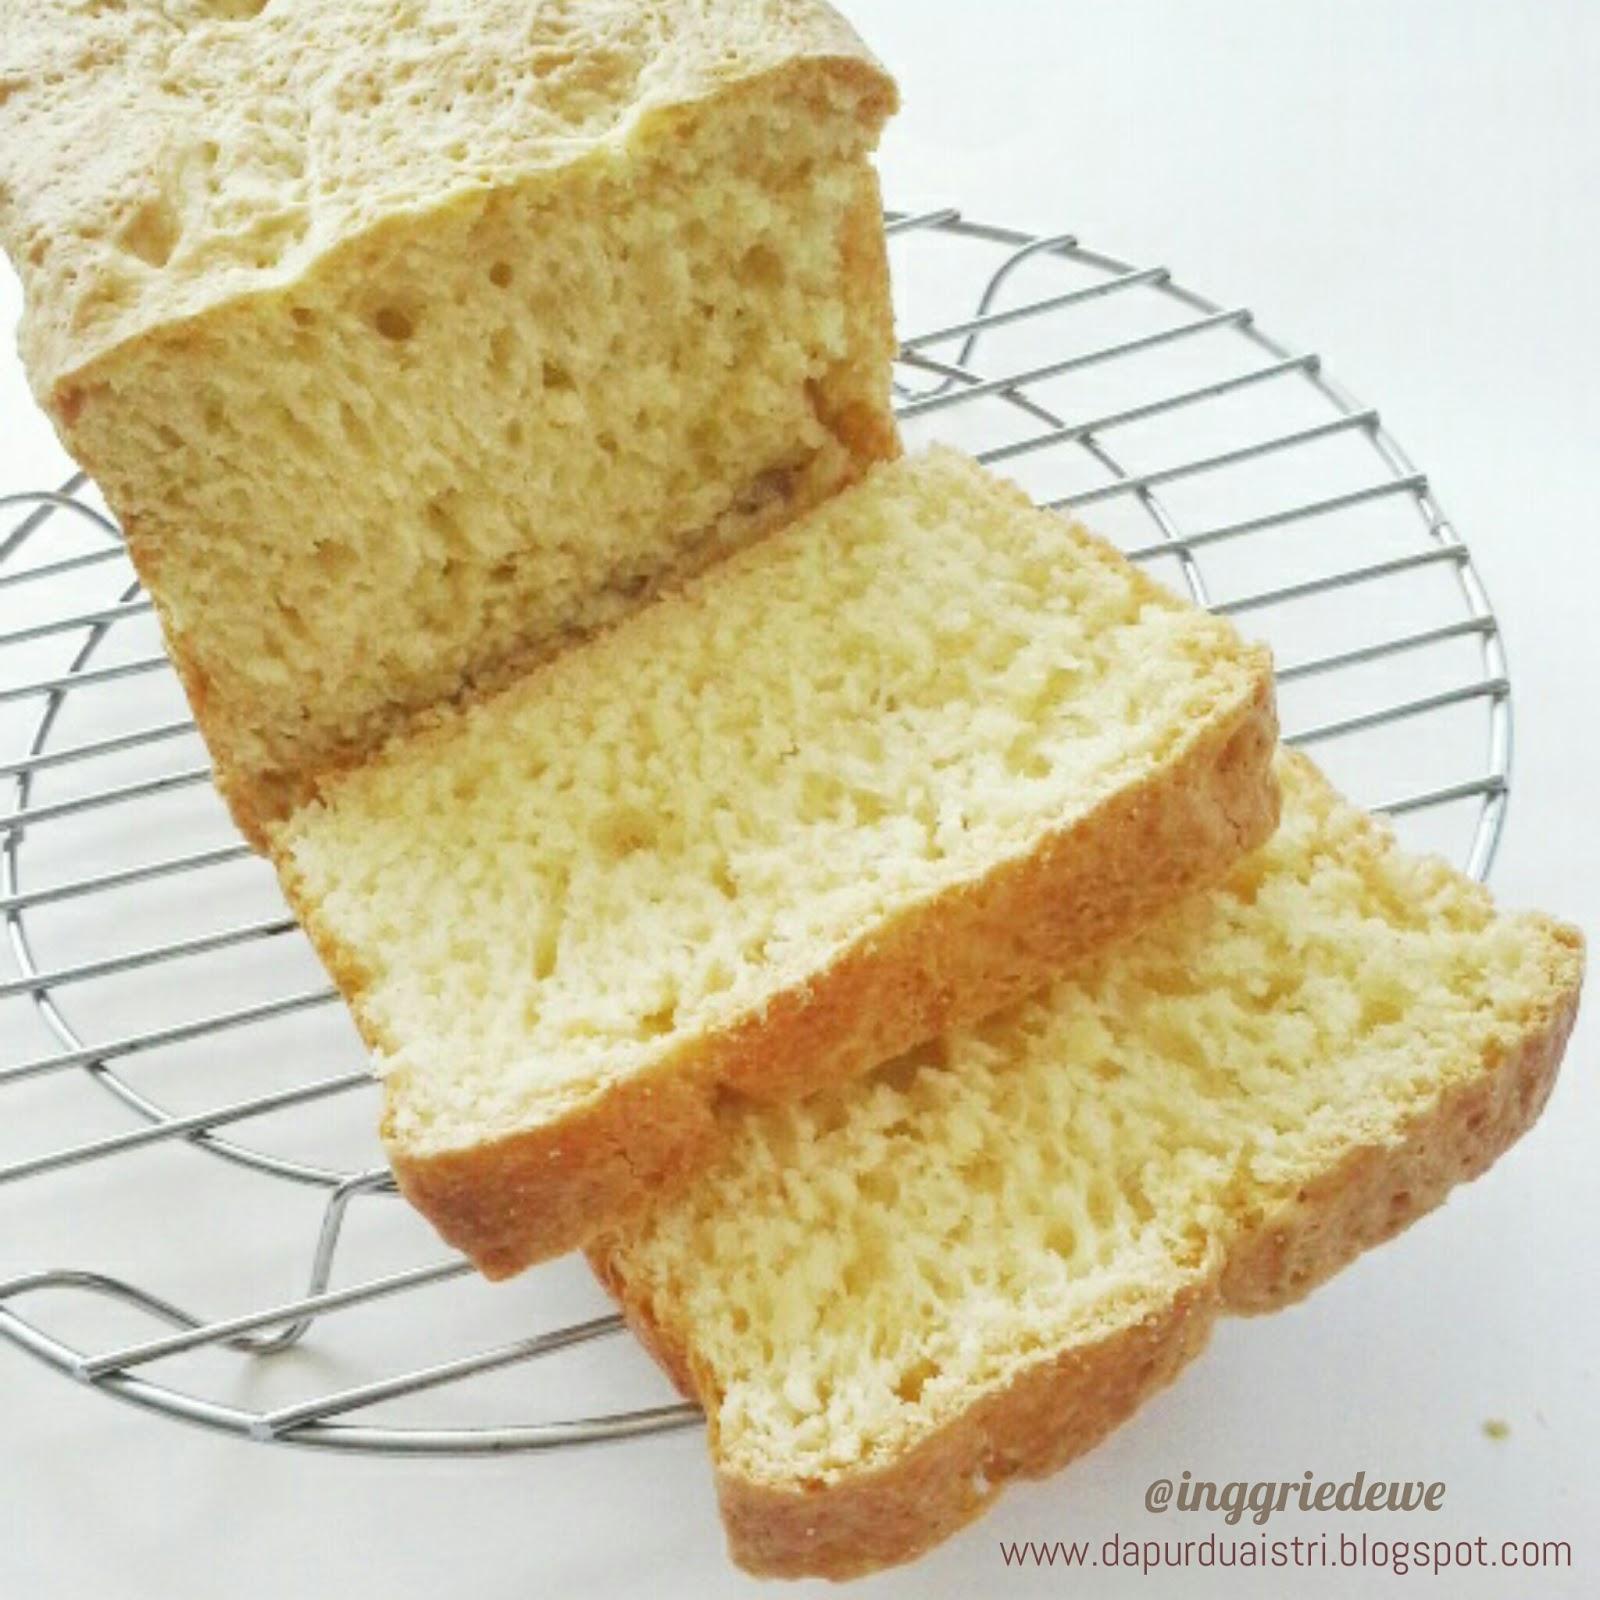 Catatan Dapur Dua Istri Belajar Bikin Roti Tawar